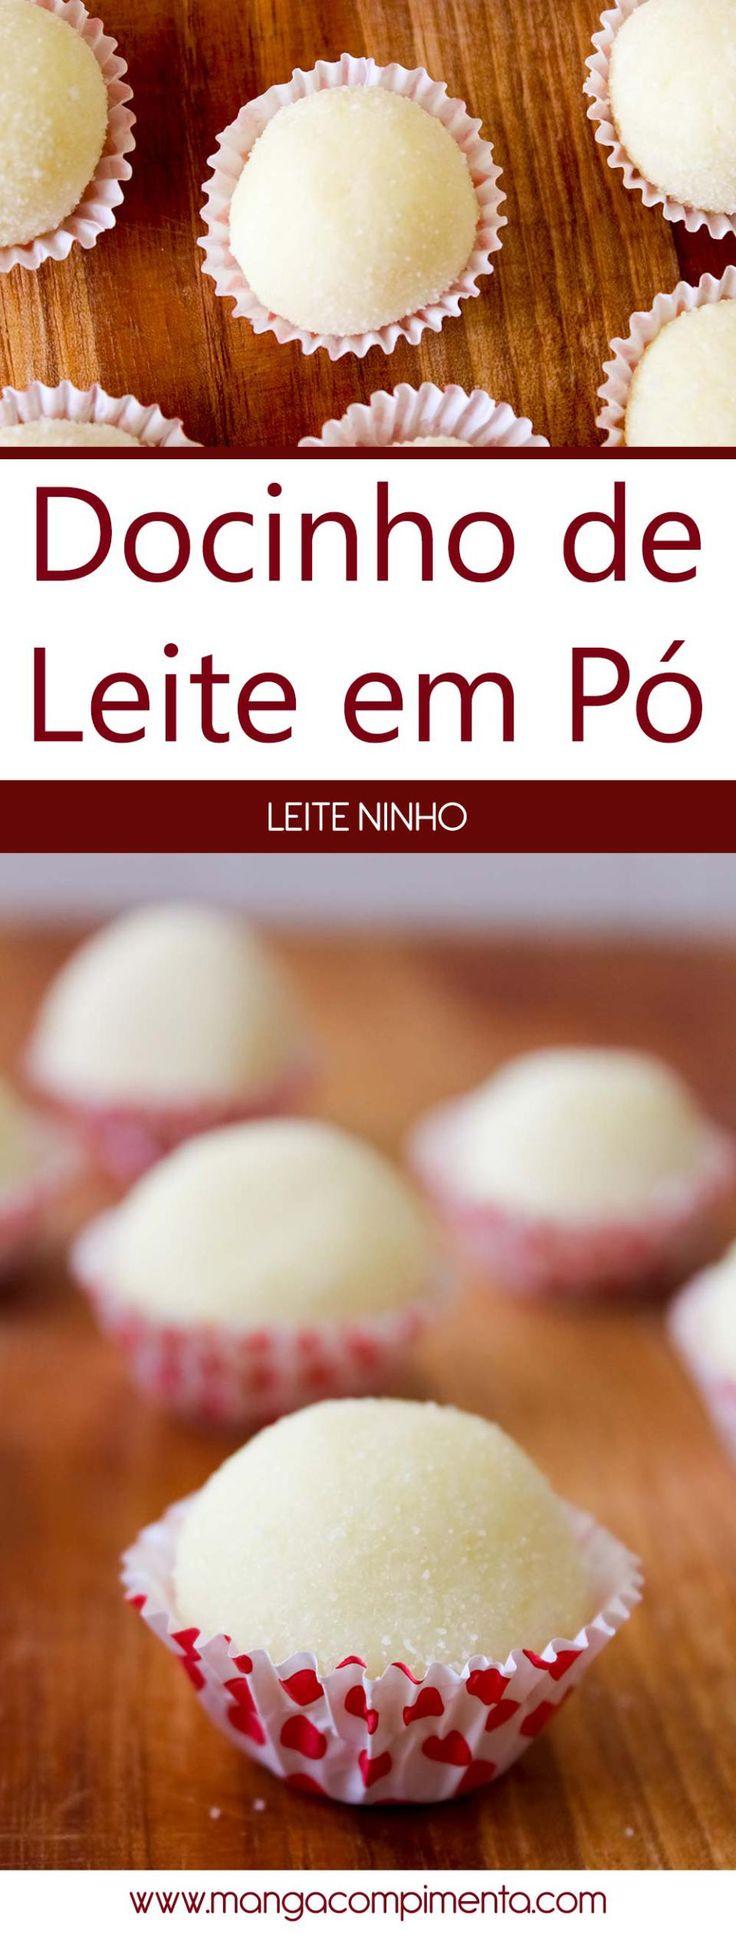 Docinho de Leite em Pó | Leite Ninho - receita para festas de aniversário. #receita #comida #doce